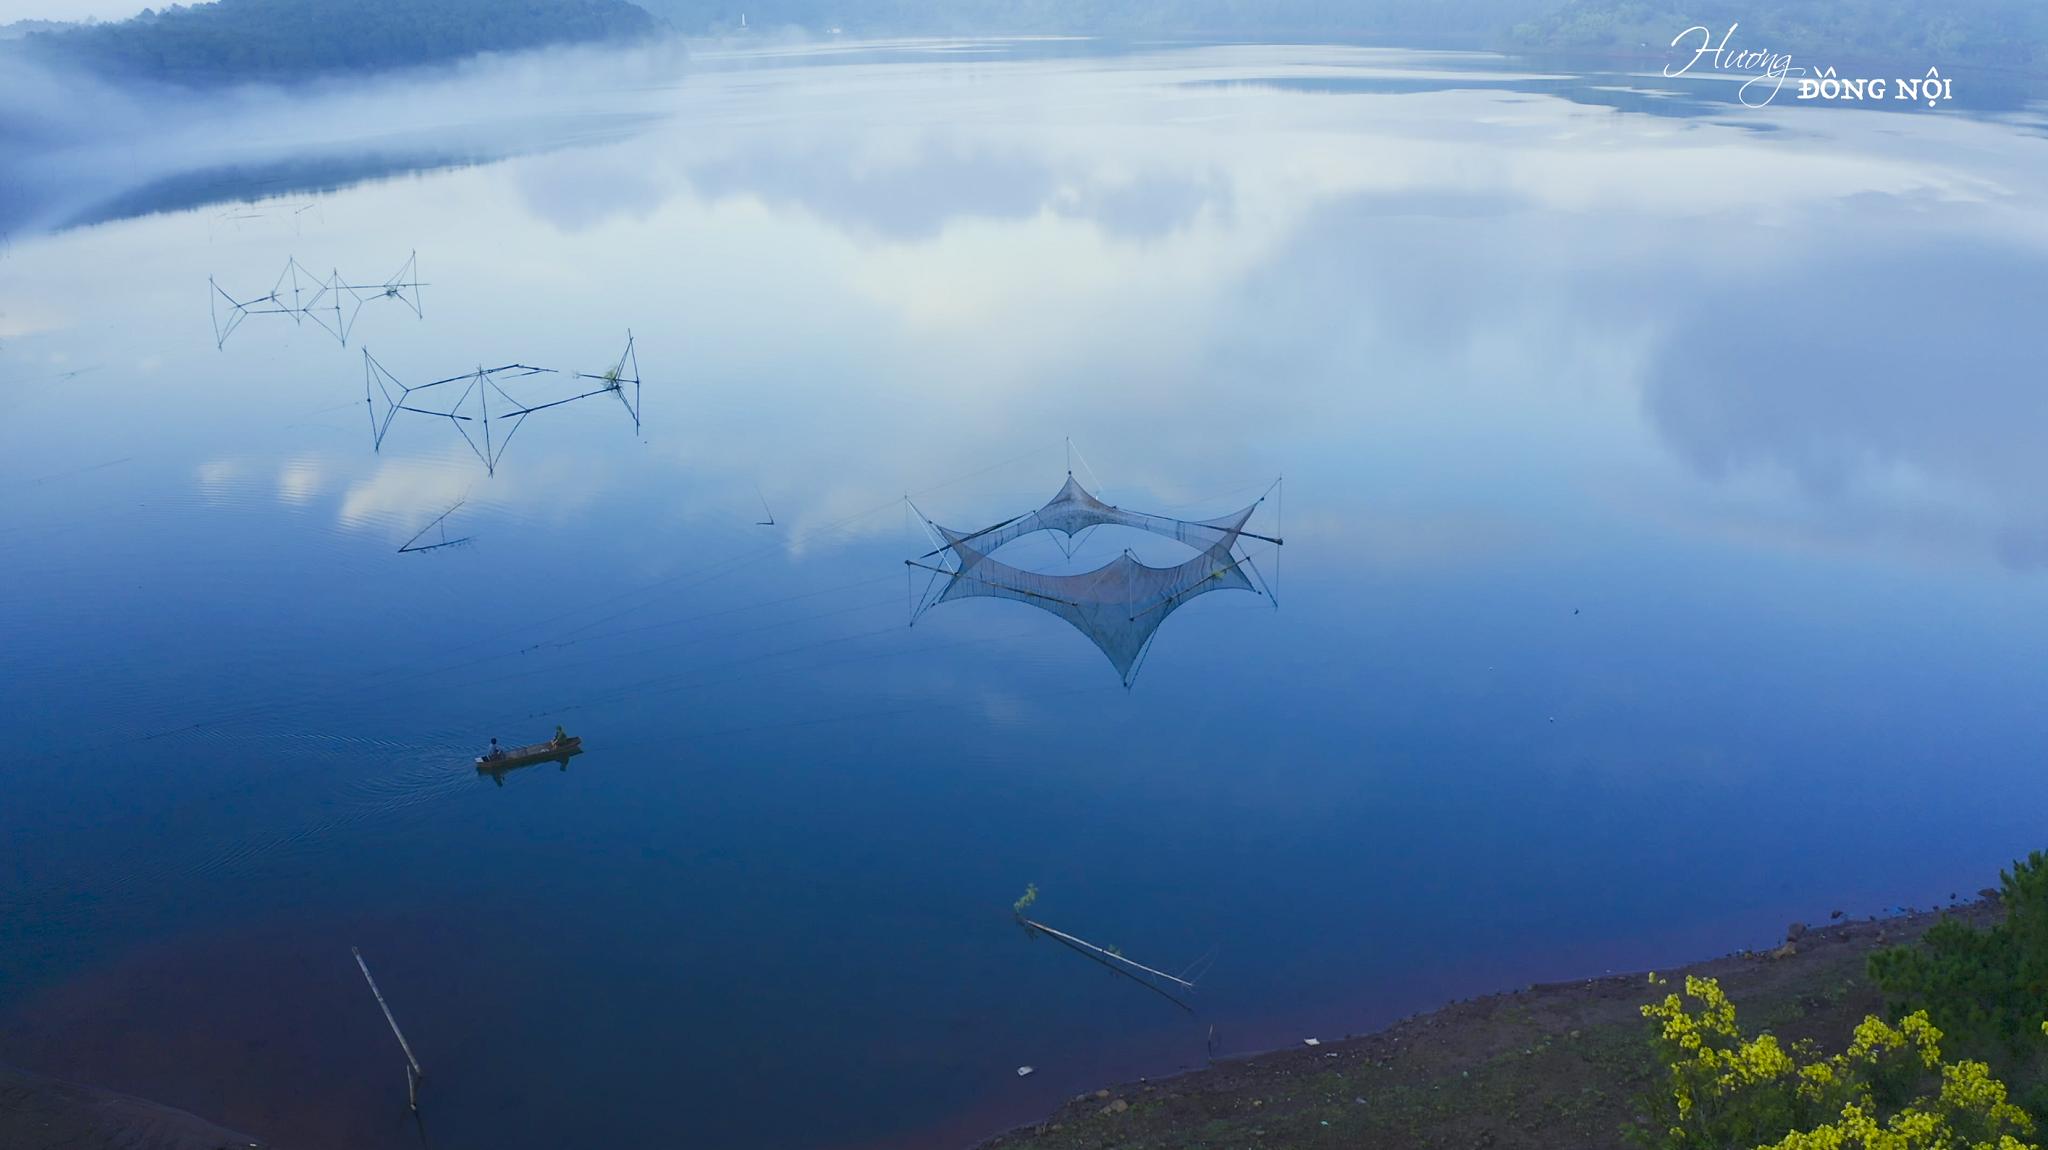 Biển Hồ mênh mông nước, huyền ảo trong sương, mang đến bức tranh lao động đẹp và yên bình. Ảnh: Hương đồng nội